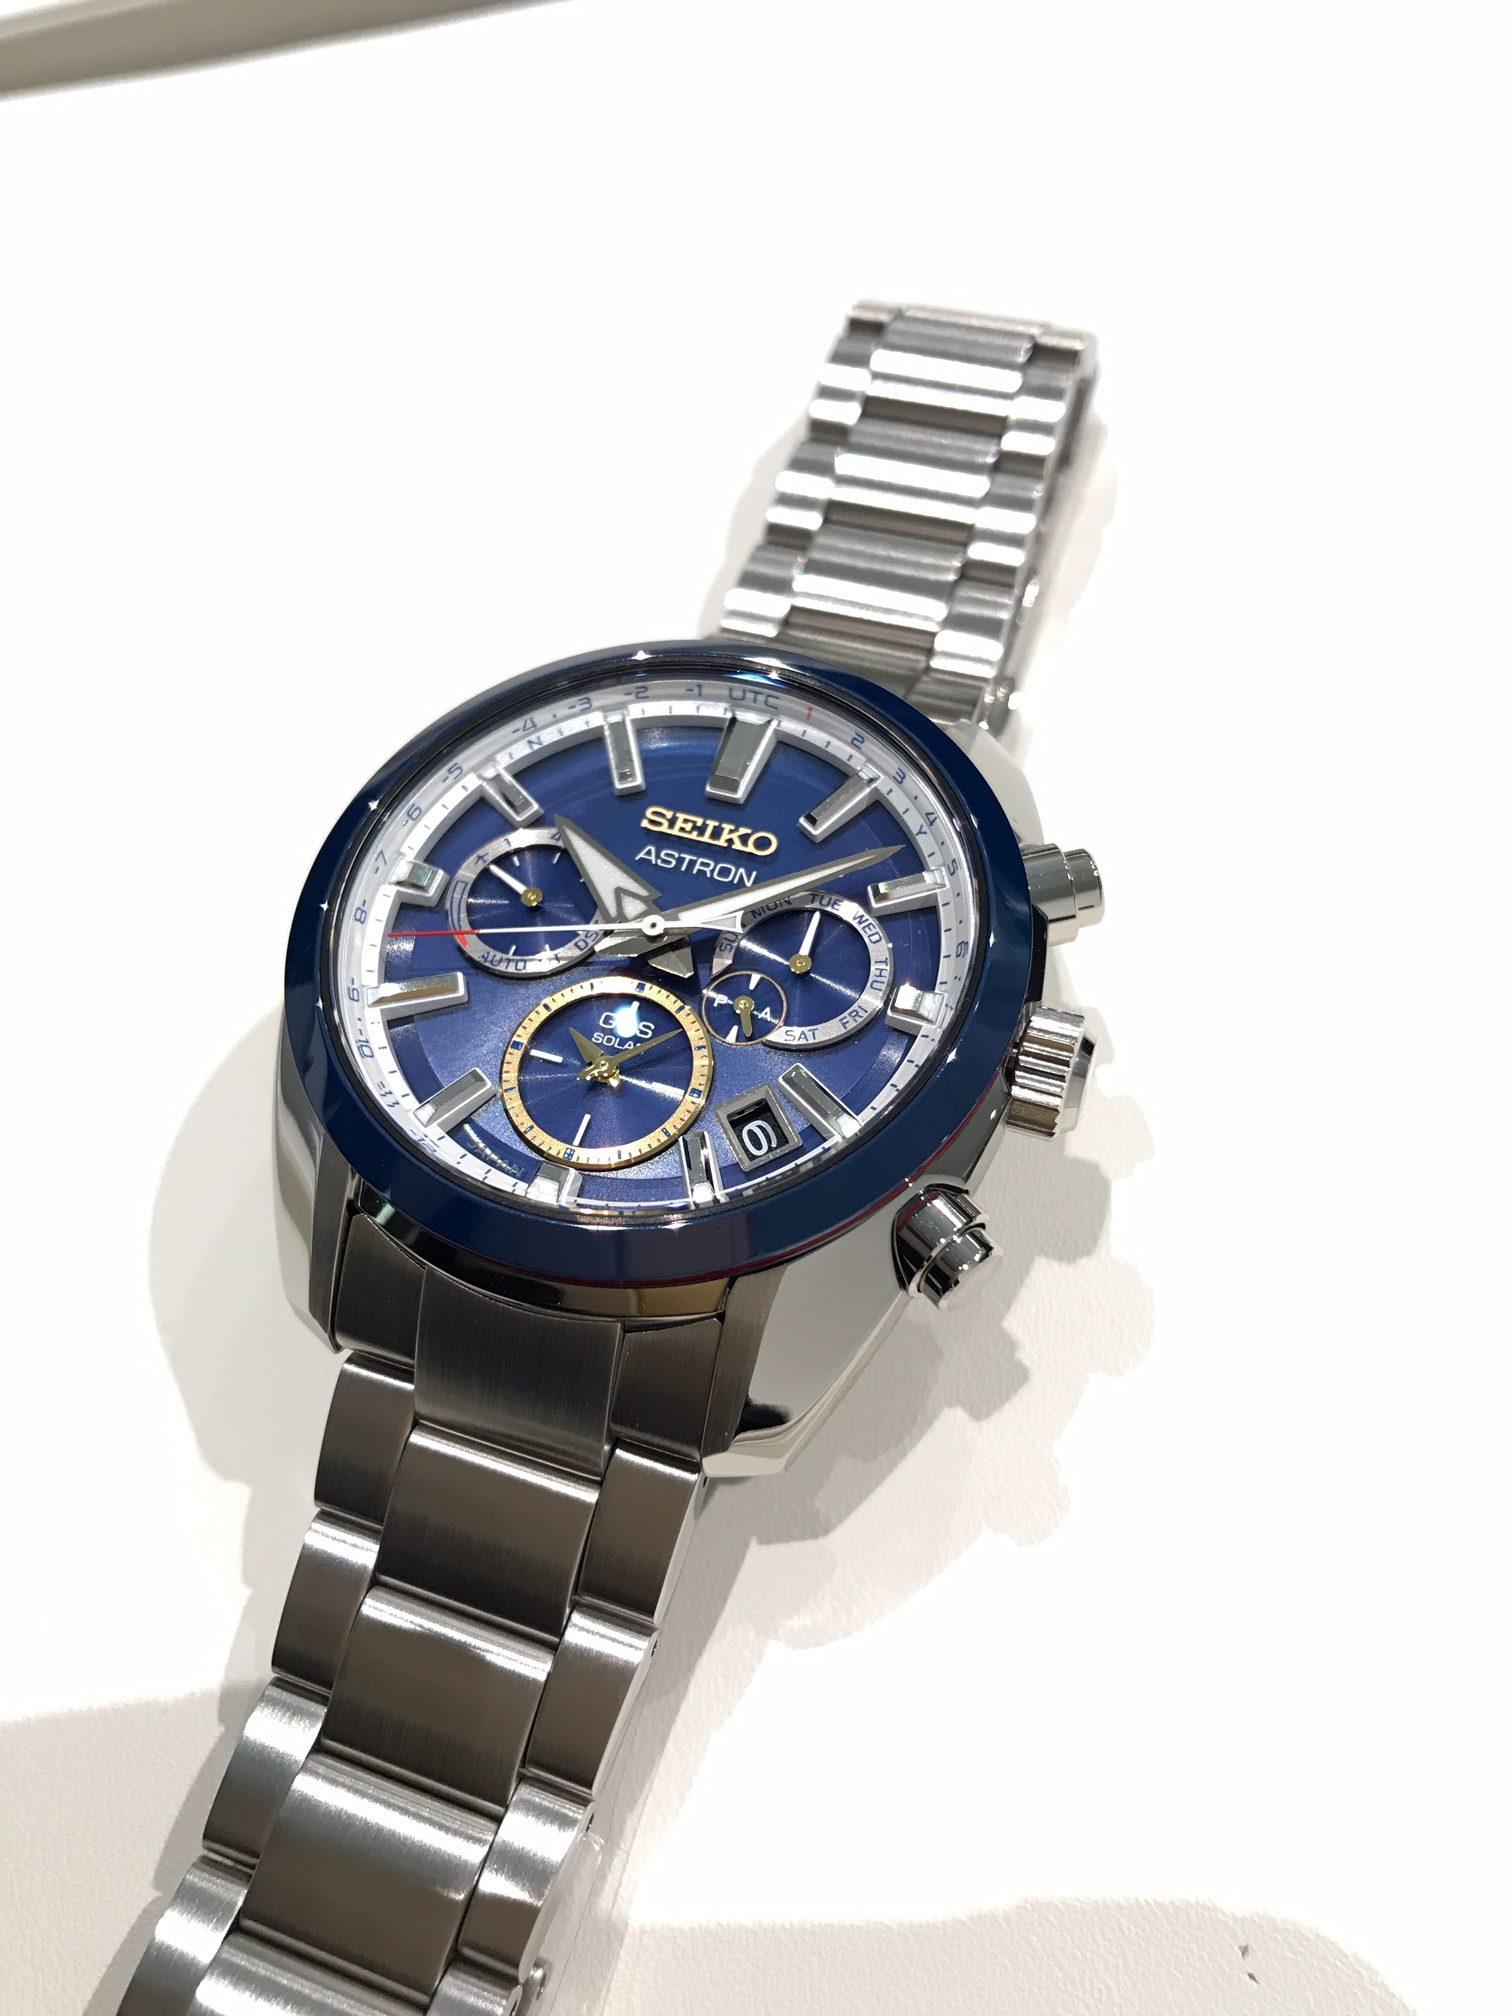 SEIKO 横浜 腕時計 SBXC045 ASTRON